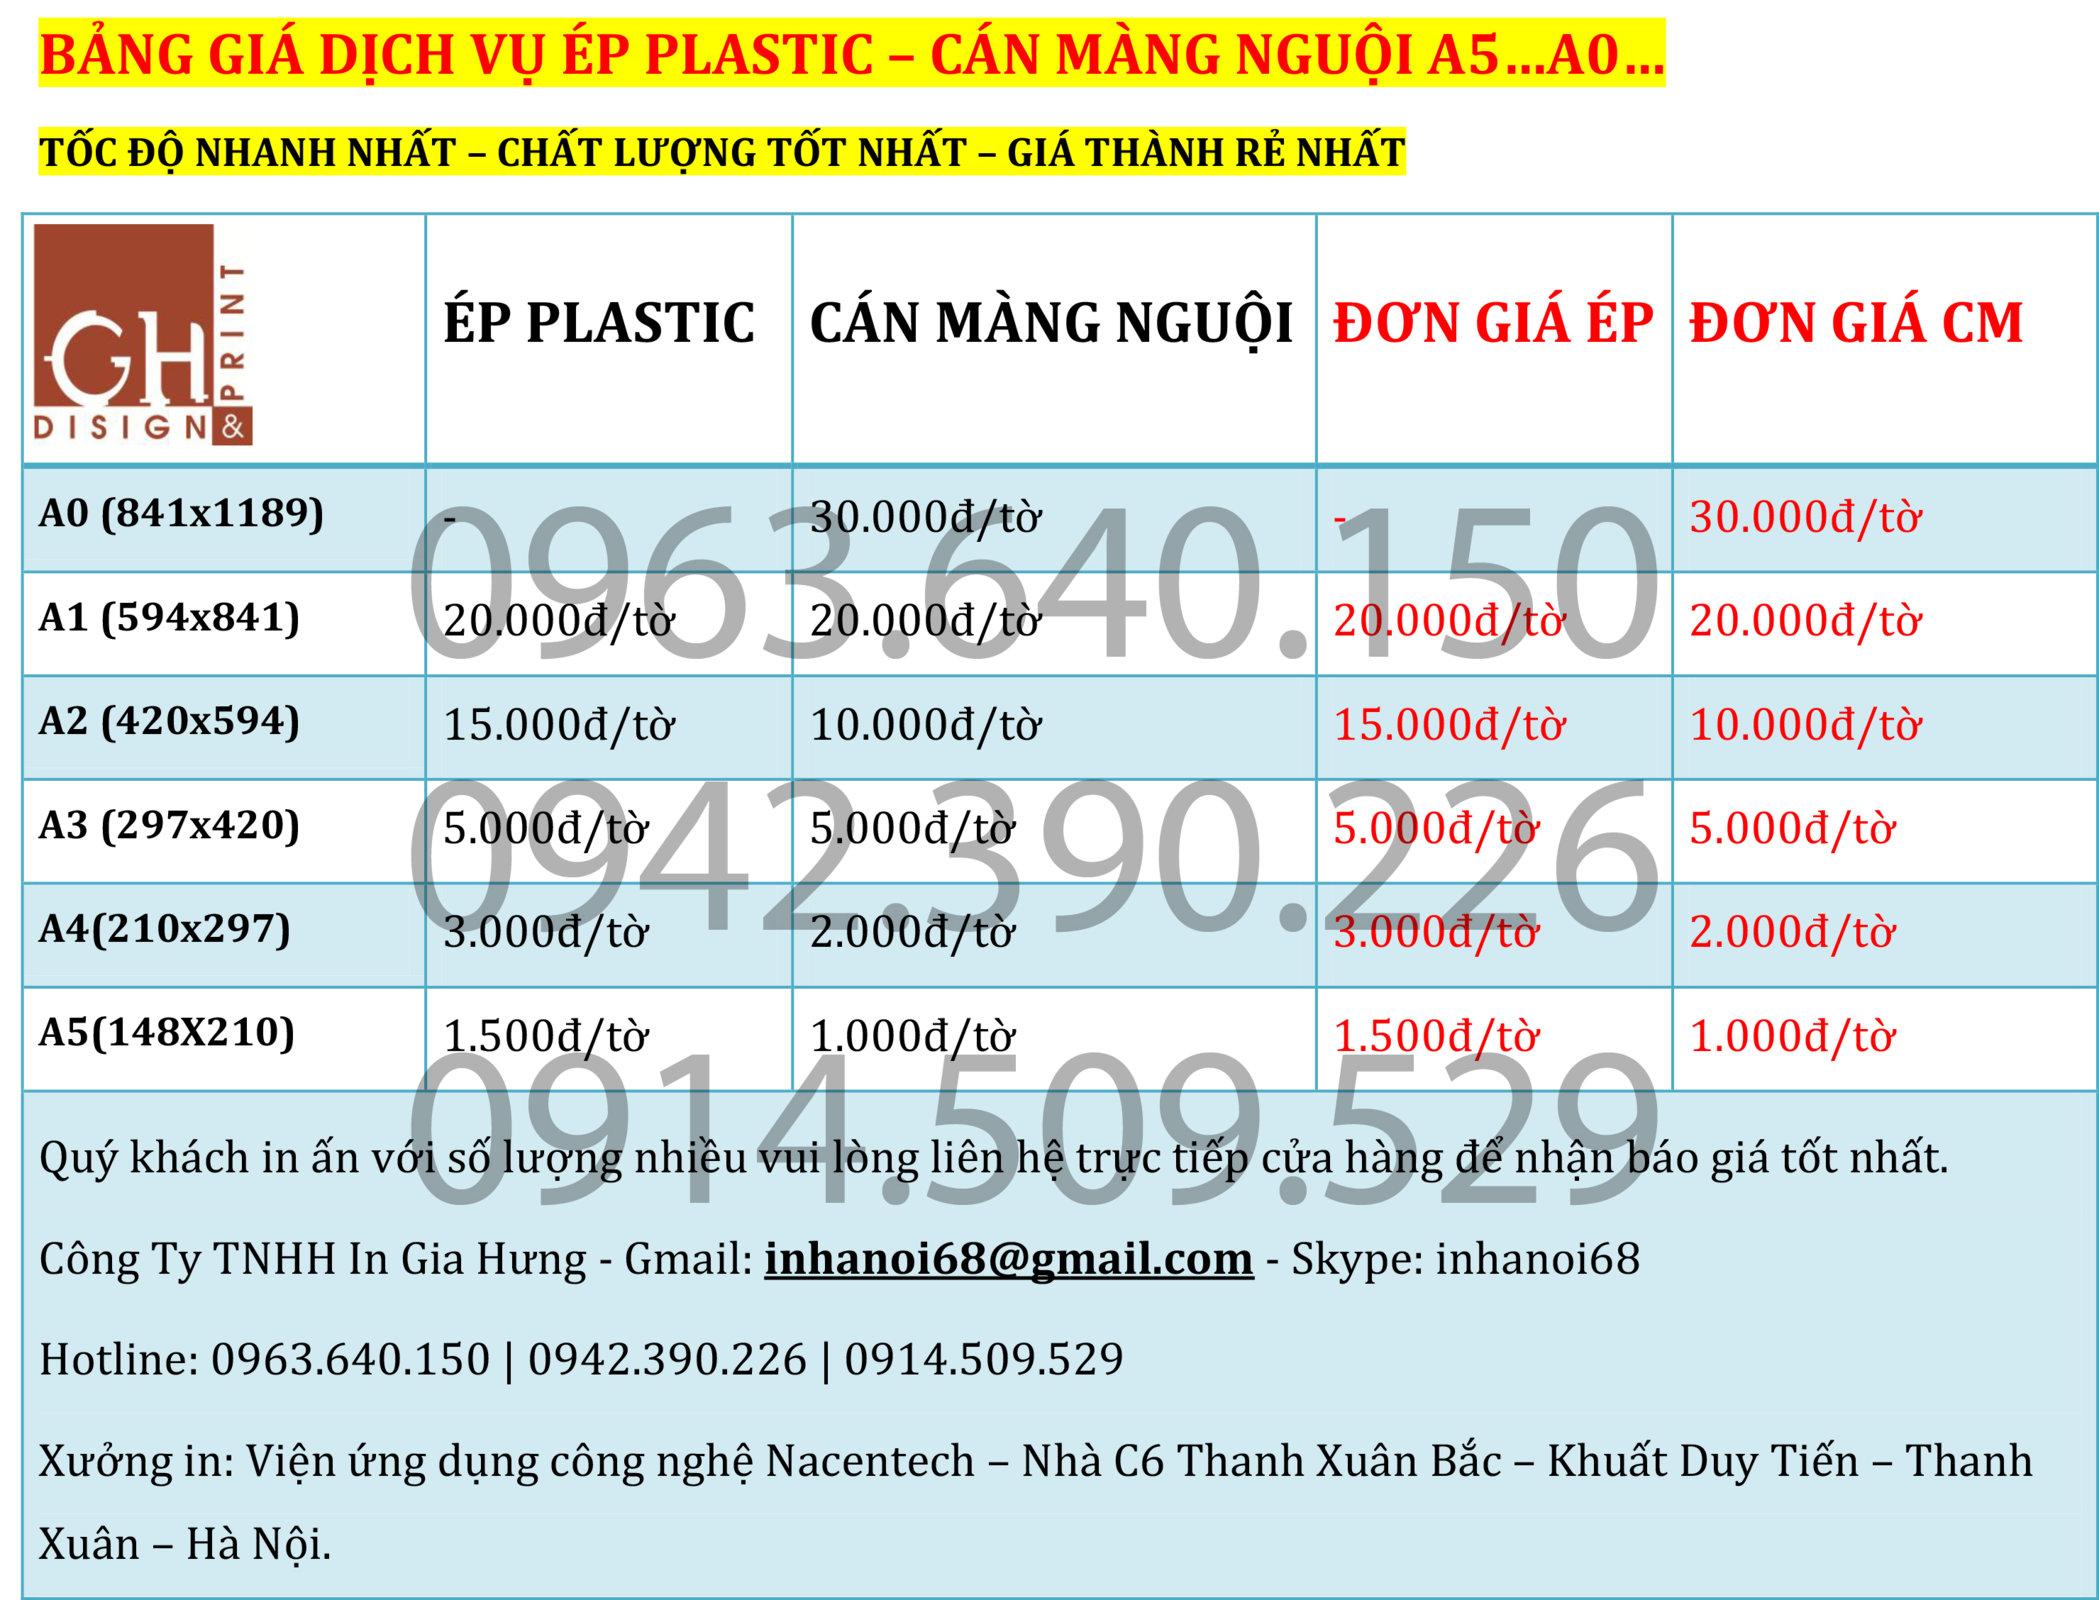 10. BẢNG GIÁ DỊCH VỤ ÉP PLASTIC – CÁN MÀNG NGUỘI A5…A0…-1.jpg